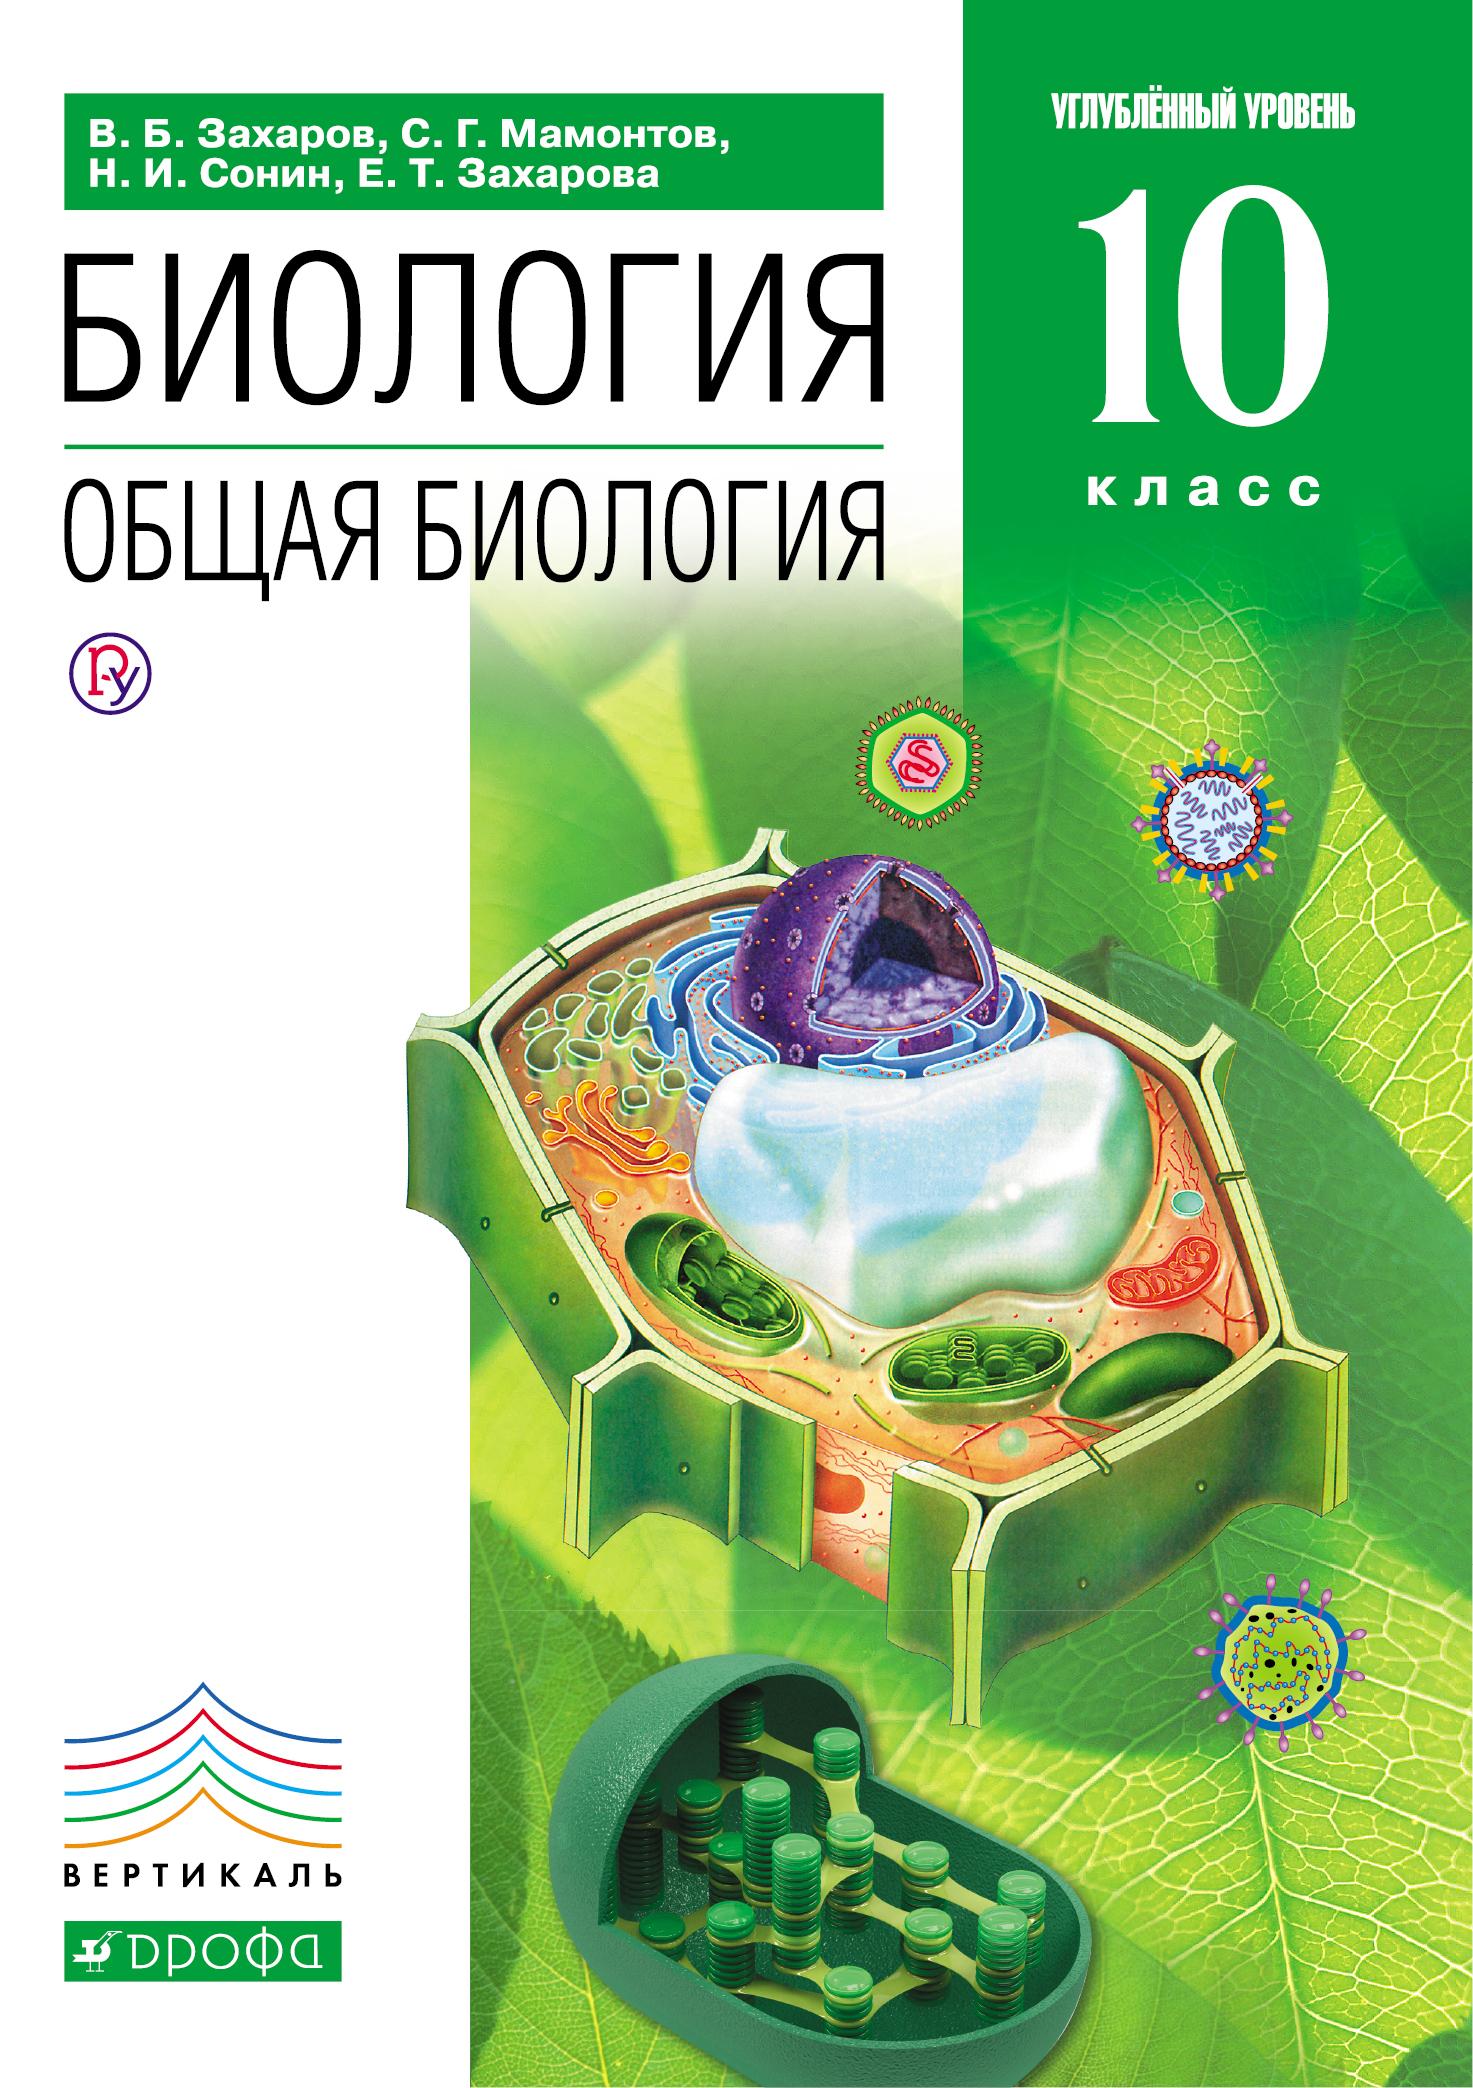 Глава 6 терминология биология 10 класс захаров